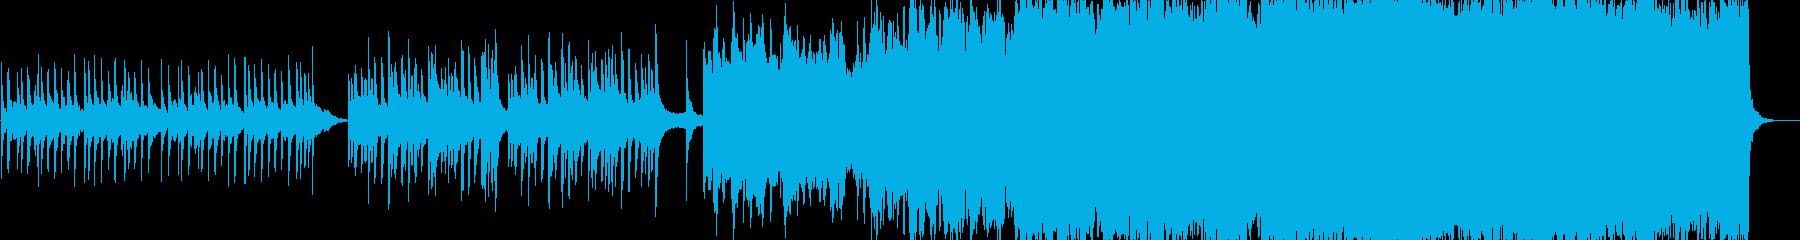 童話世界のBGMの再生済みの波形